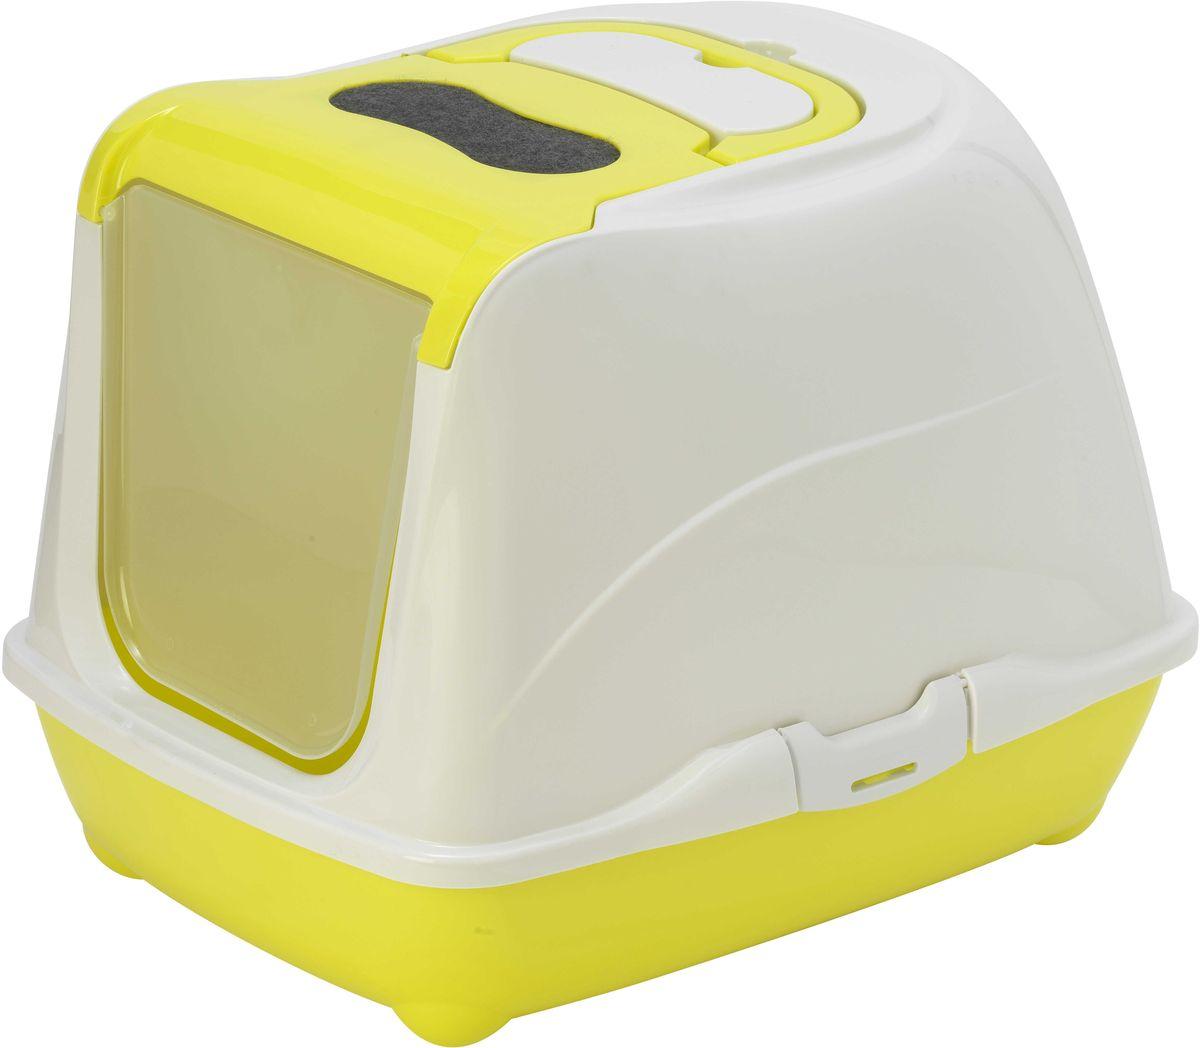 Туалет для кошек Moderna Flip Cat, закрытый, цвет: лимонный, 39 х 50 х 37 см0120710Закрытый туалет для кошек Flip Cat выполнен из высококачественного пластика. Туалет оснащен прозрачной открывающейся дверцей, сменным фильтром и удобной ручкой для переноски. Такой туалет избавит ваш дом от неприятного запаха и разбросанных повсюду частичек наполнителя. Кошка в таком туалете будет чувствовать себя увереннее, ведь в этом укромном уголке ее никто не увидит. Кроме того, яркий дизайн с легкостью впишется в интерьер вашего дома. Туалет легко открывается для чистки благодаря практичным защелкам по бокам.